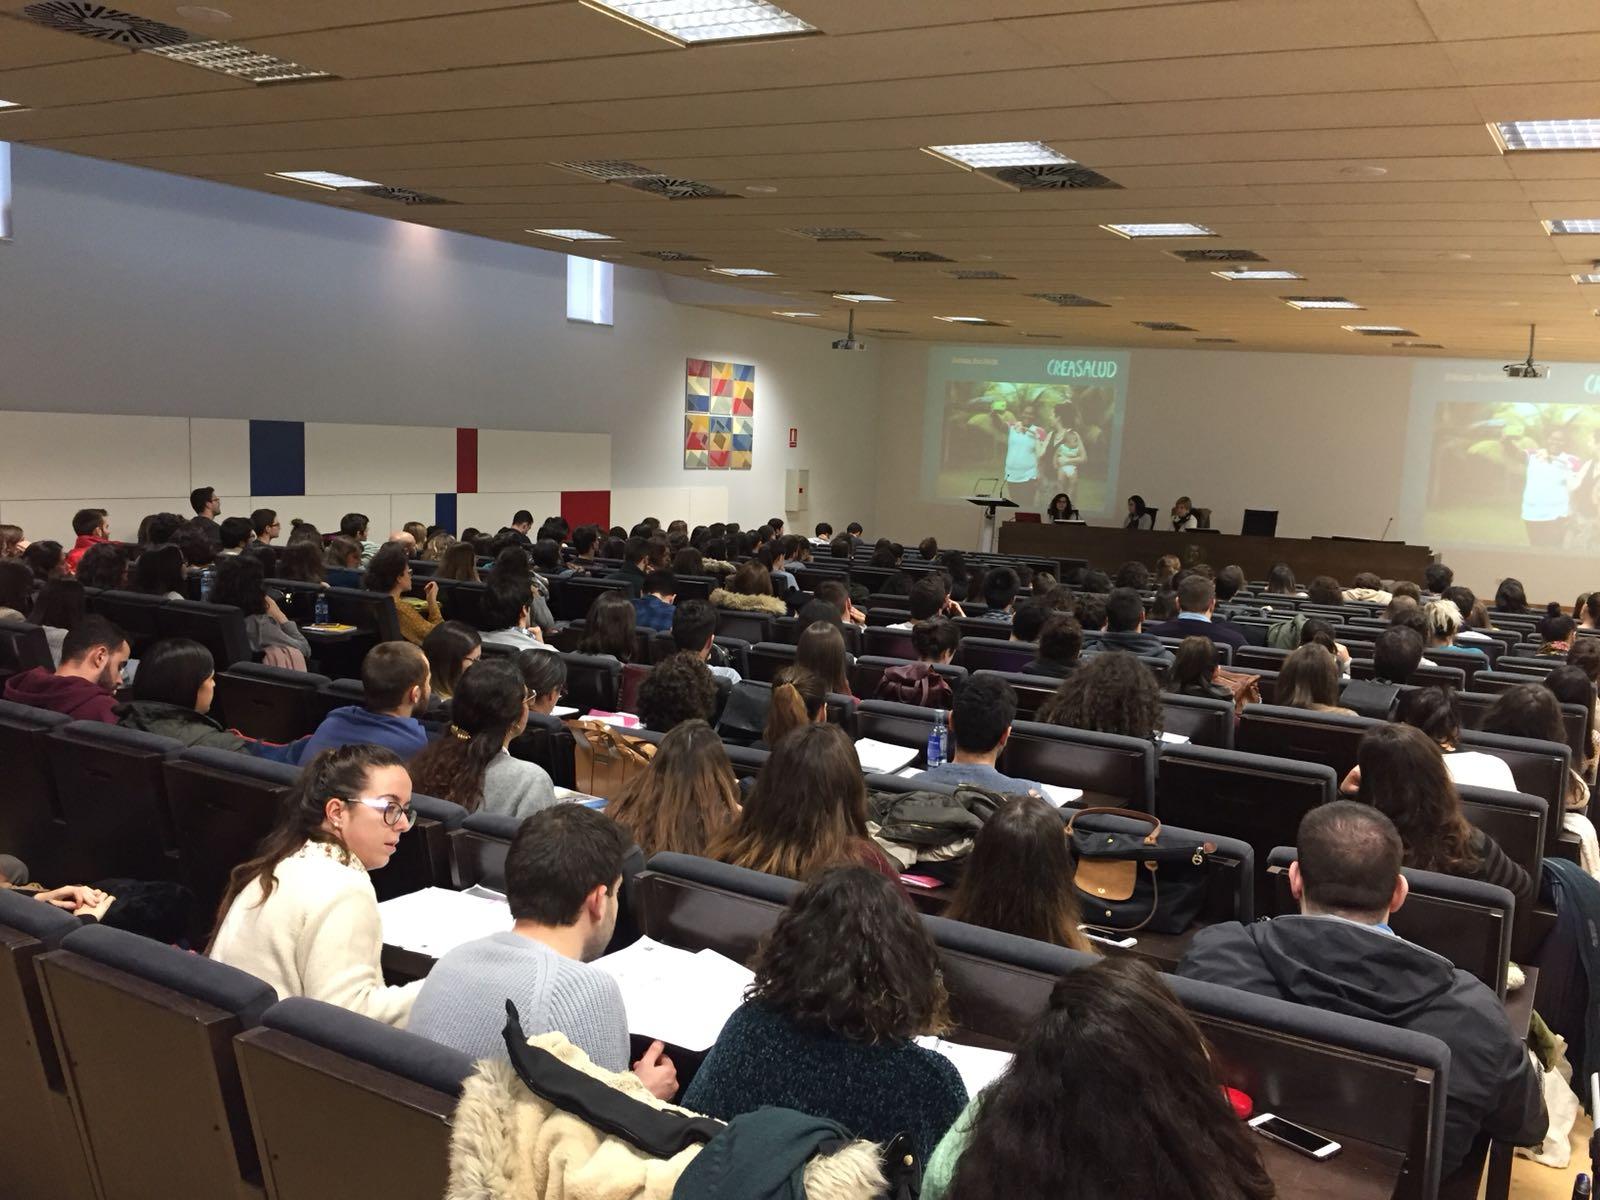 Innovación educativa en la universidad: Aprendizaje-Servicio para fomentar una ciudadanía global desde Galicia